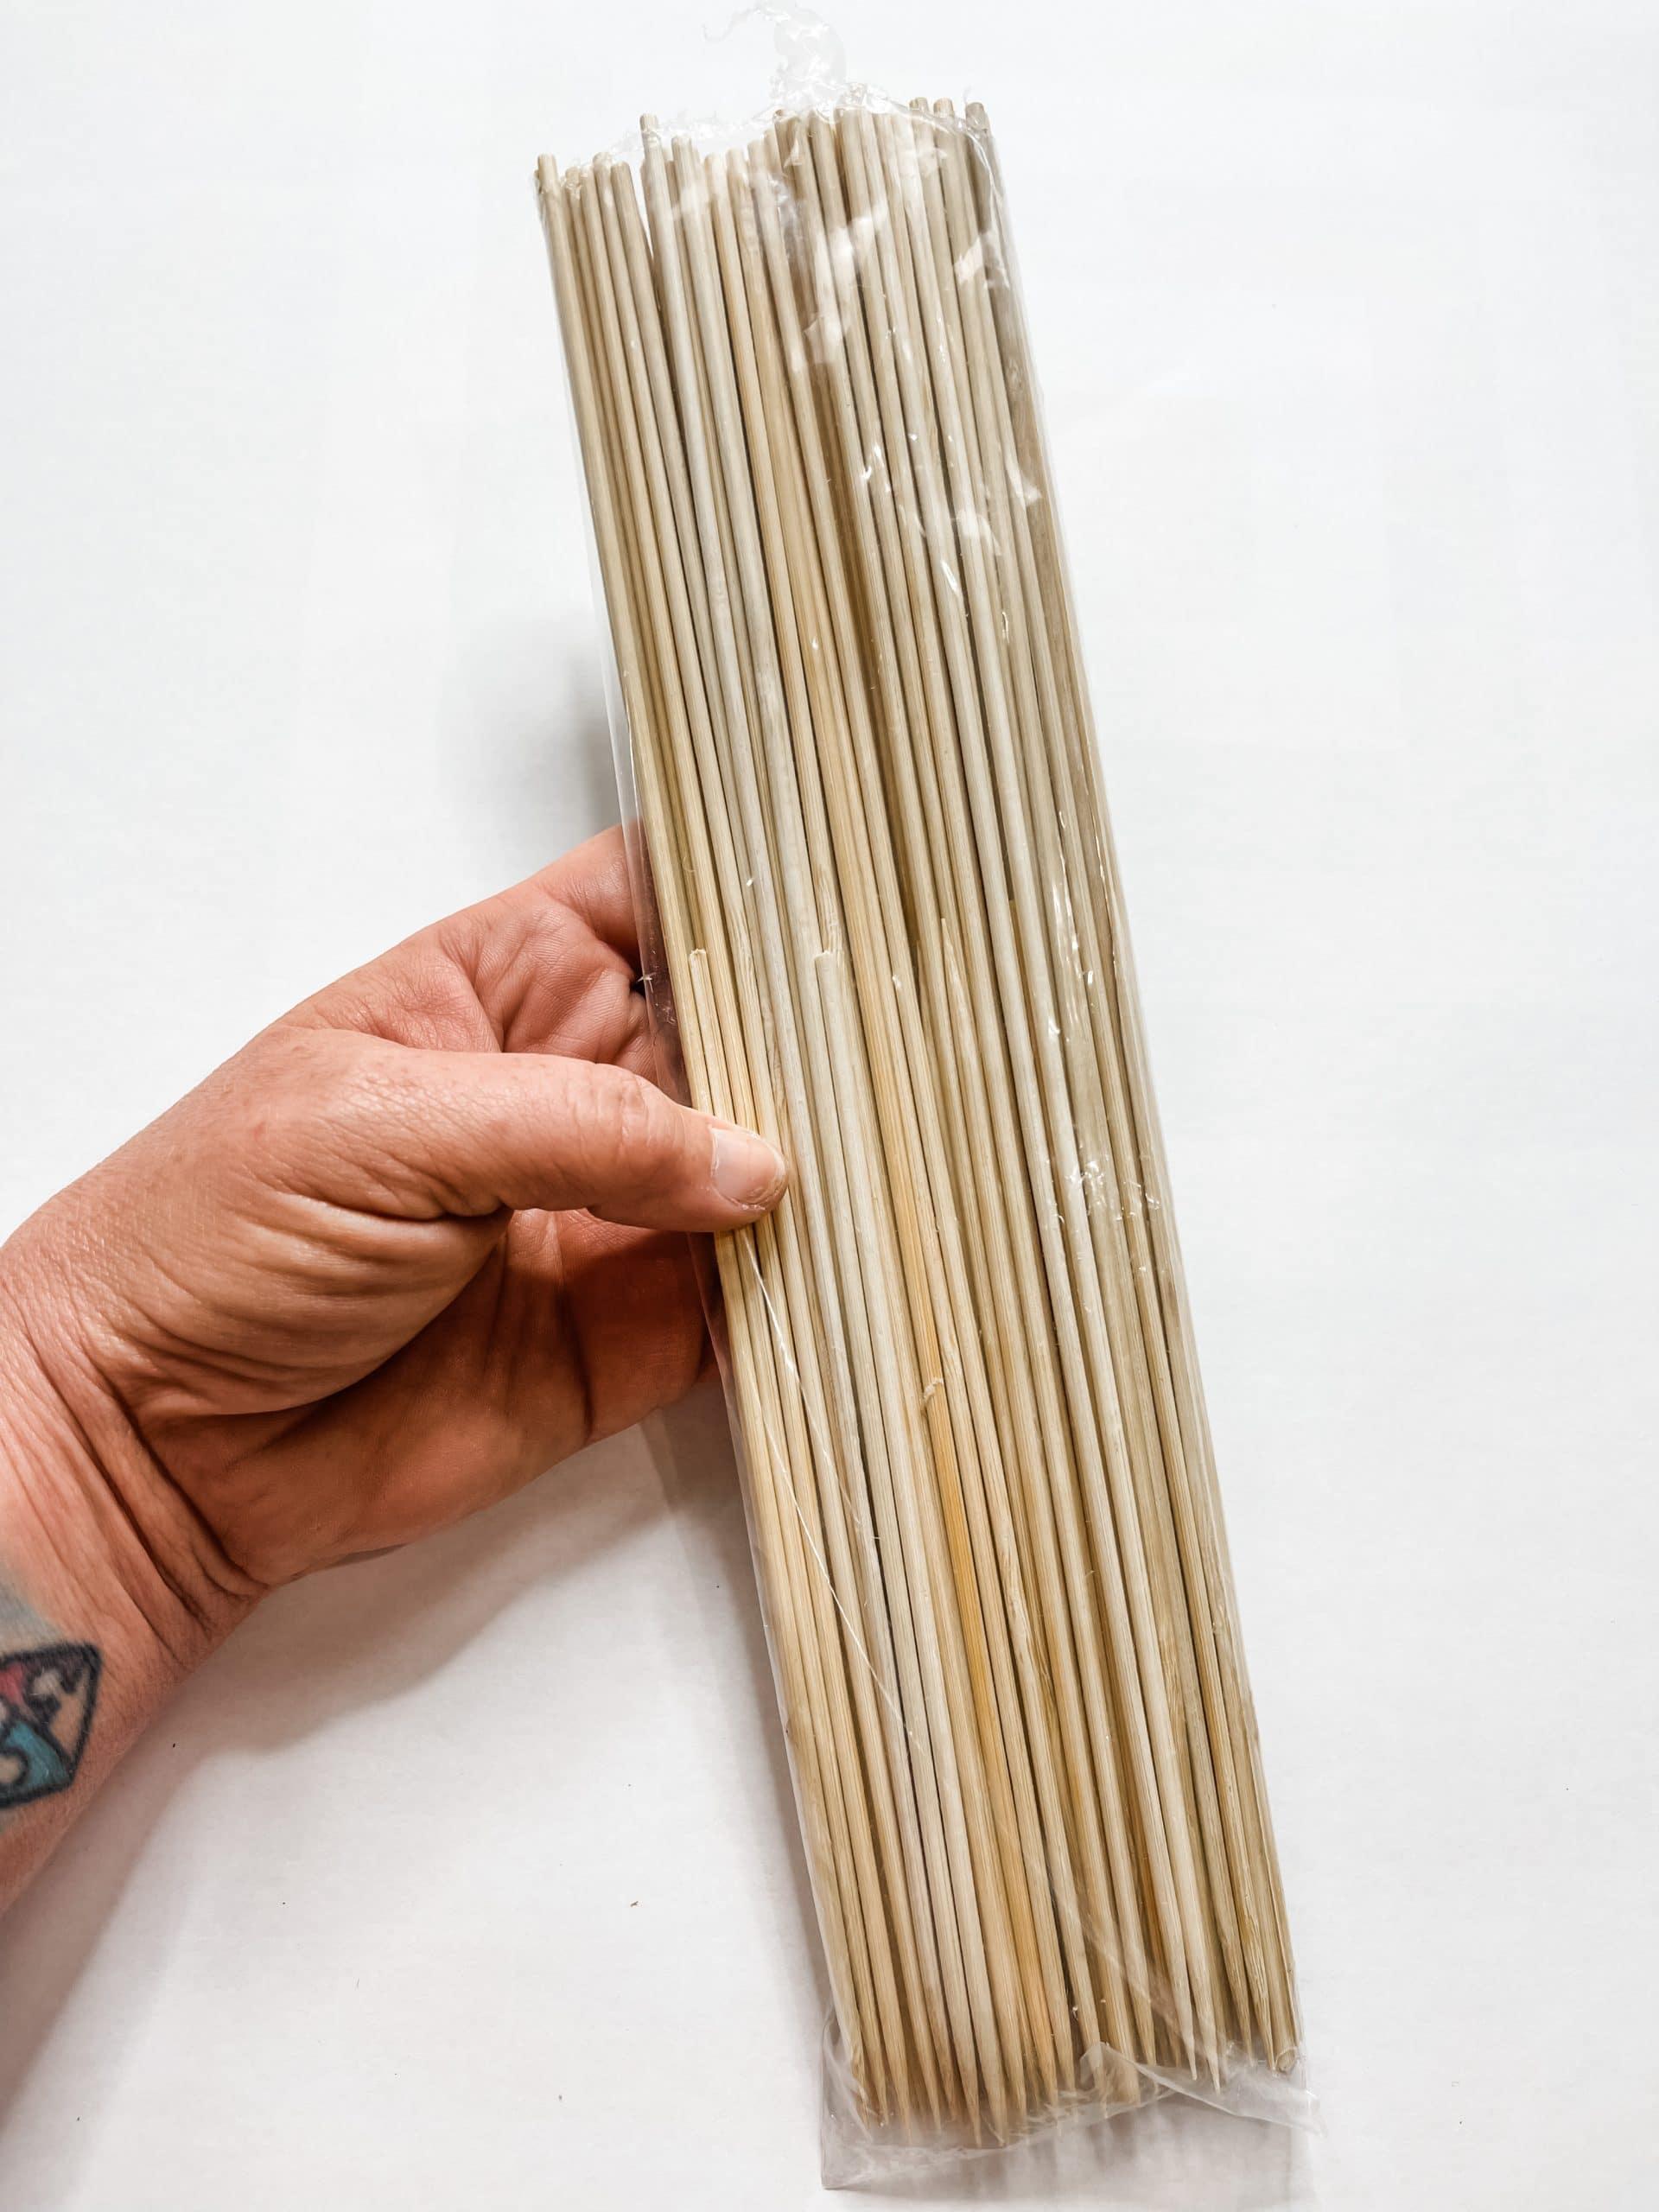 Bamboo Skewer DIY Cutting Board Decor